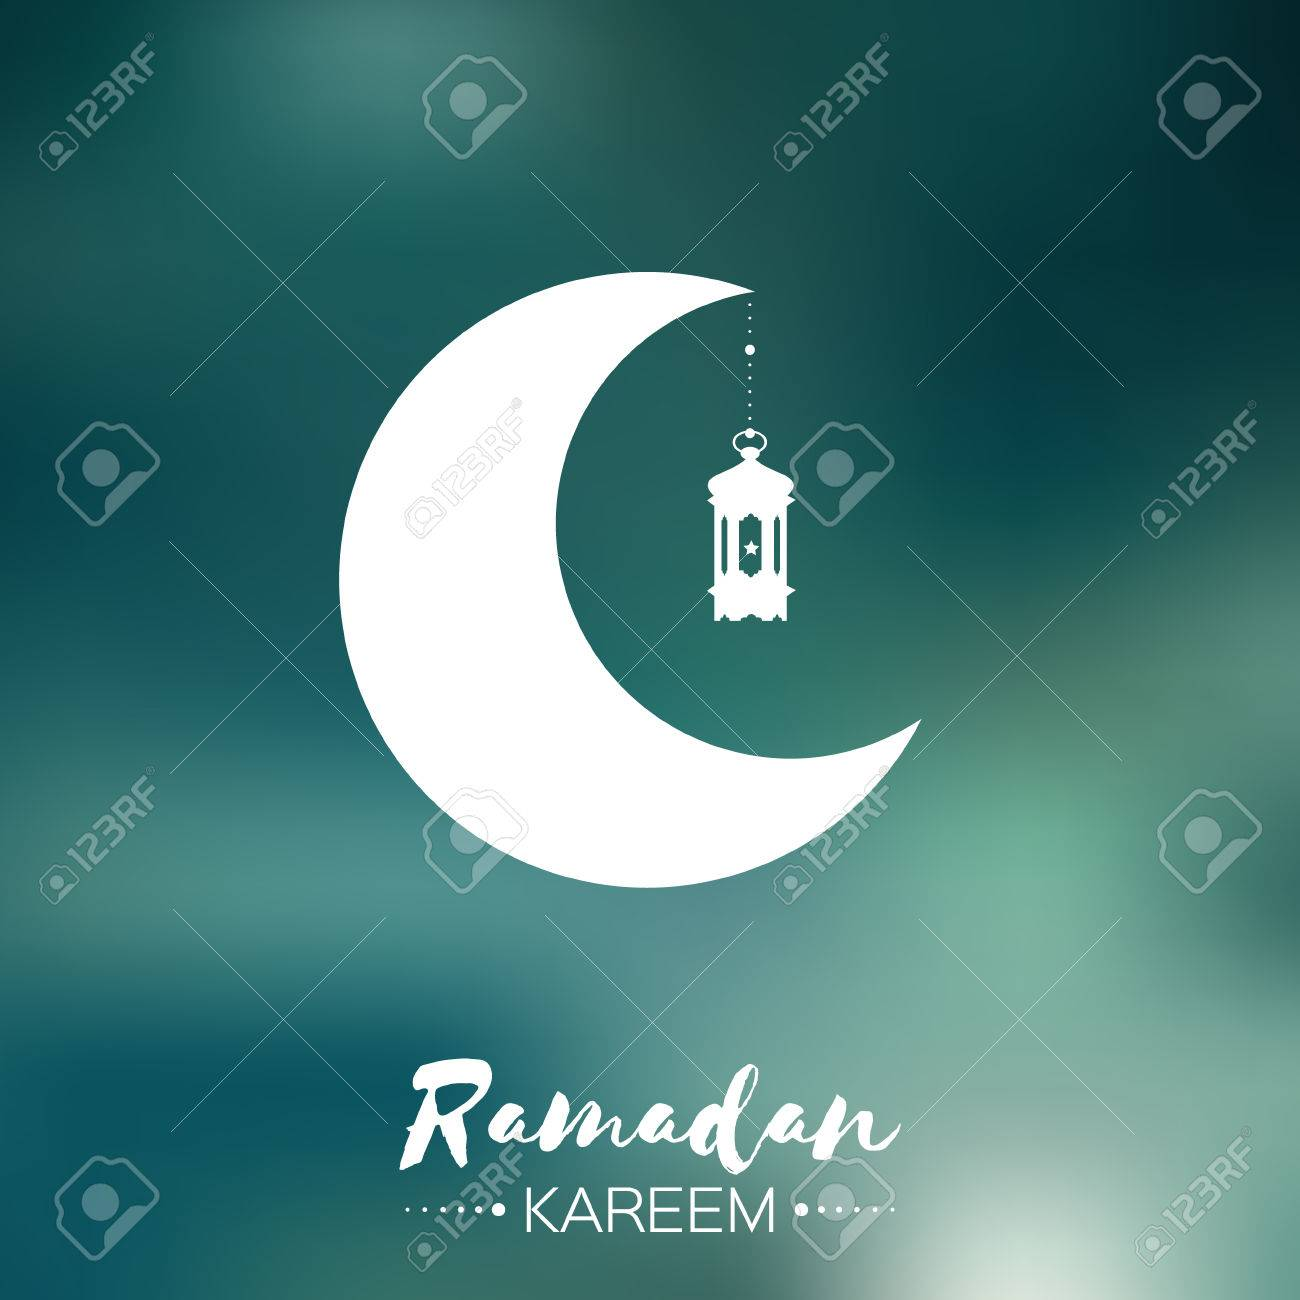 Ramadan Kareem Celebration Greeting Card Hanging Arabic Lamp